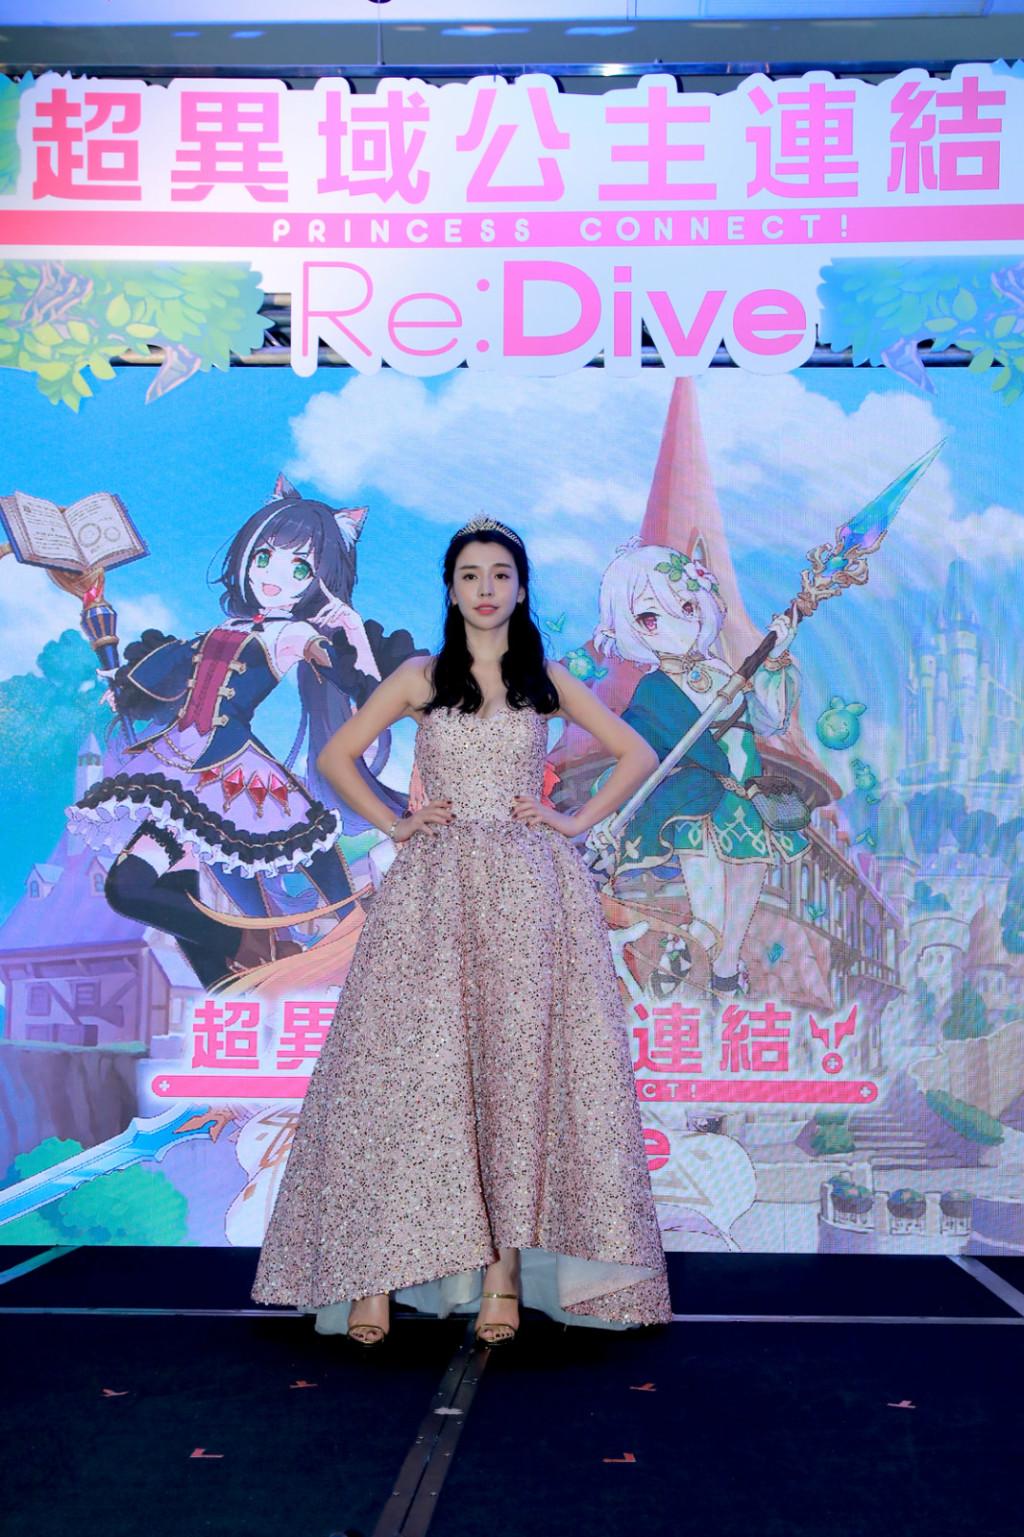 李毓芬化身公主登場!日本手遊《超異域公主連結☆Re:Dive》上市